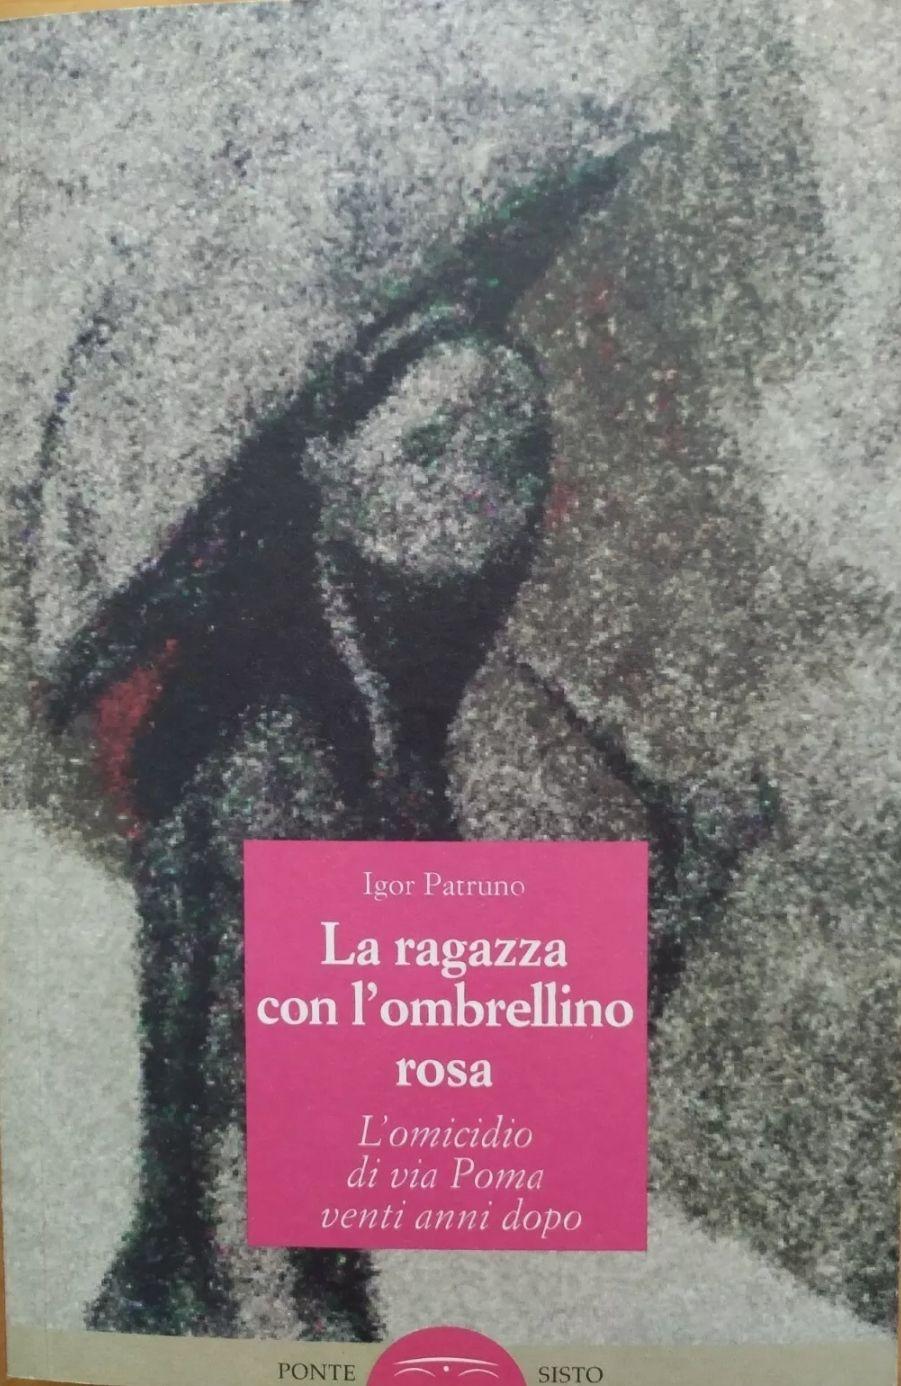 """""""La ragazza con l'ombrellino rosa"""", di Igor Patruno (Ponte Sisto, 2010) raro prima edizione"""